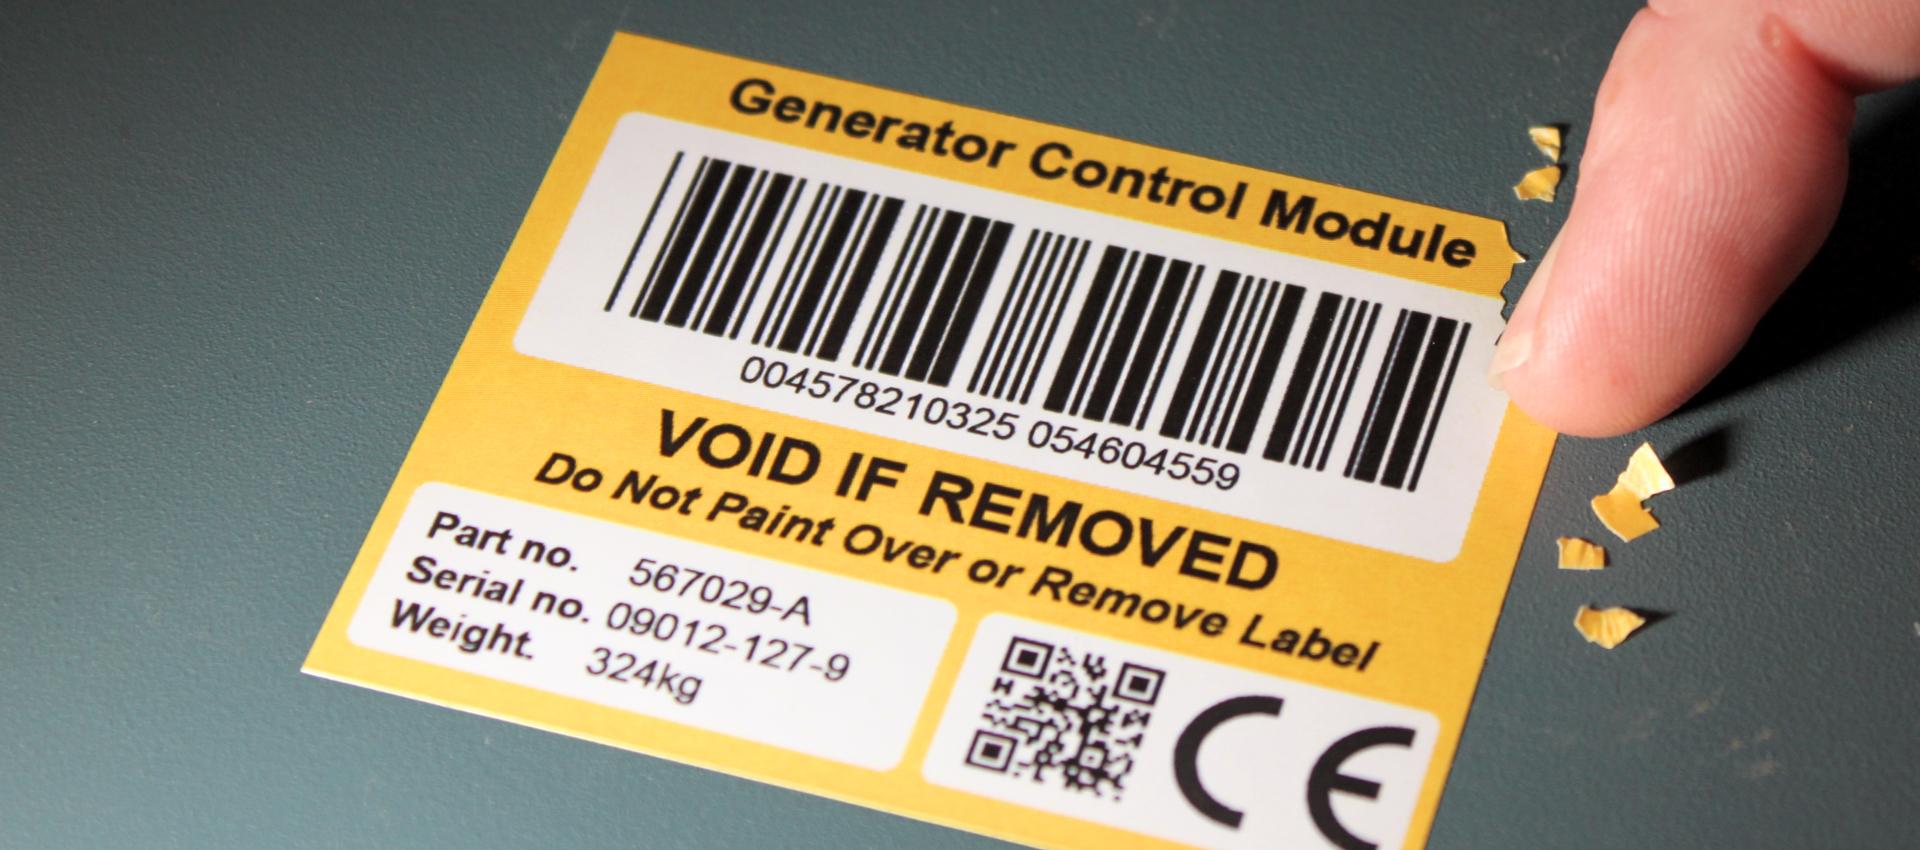 photo regarding Printable Tamper Proof Labels named Safety Labels CILS